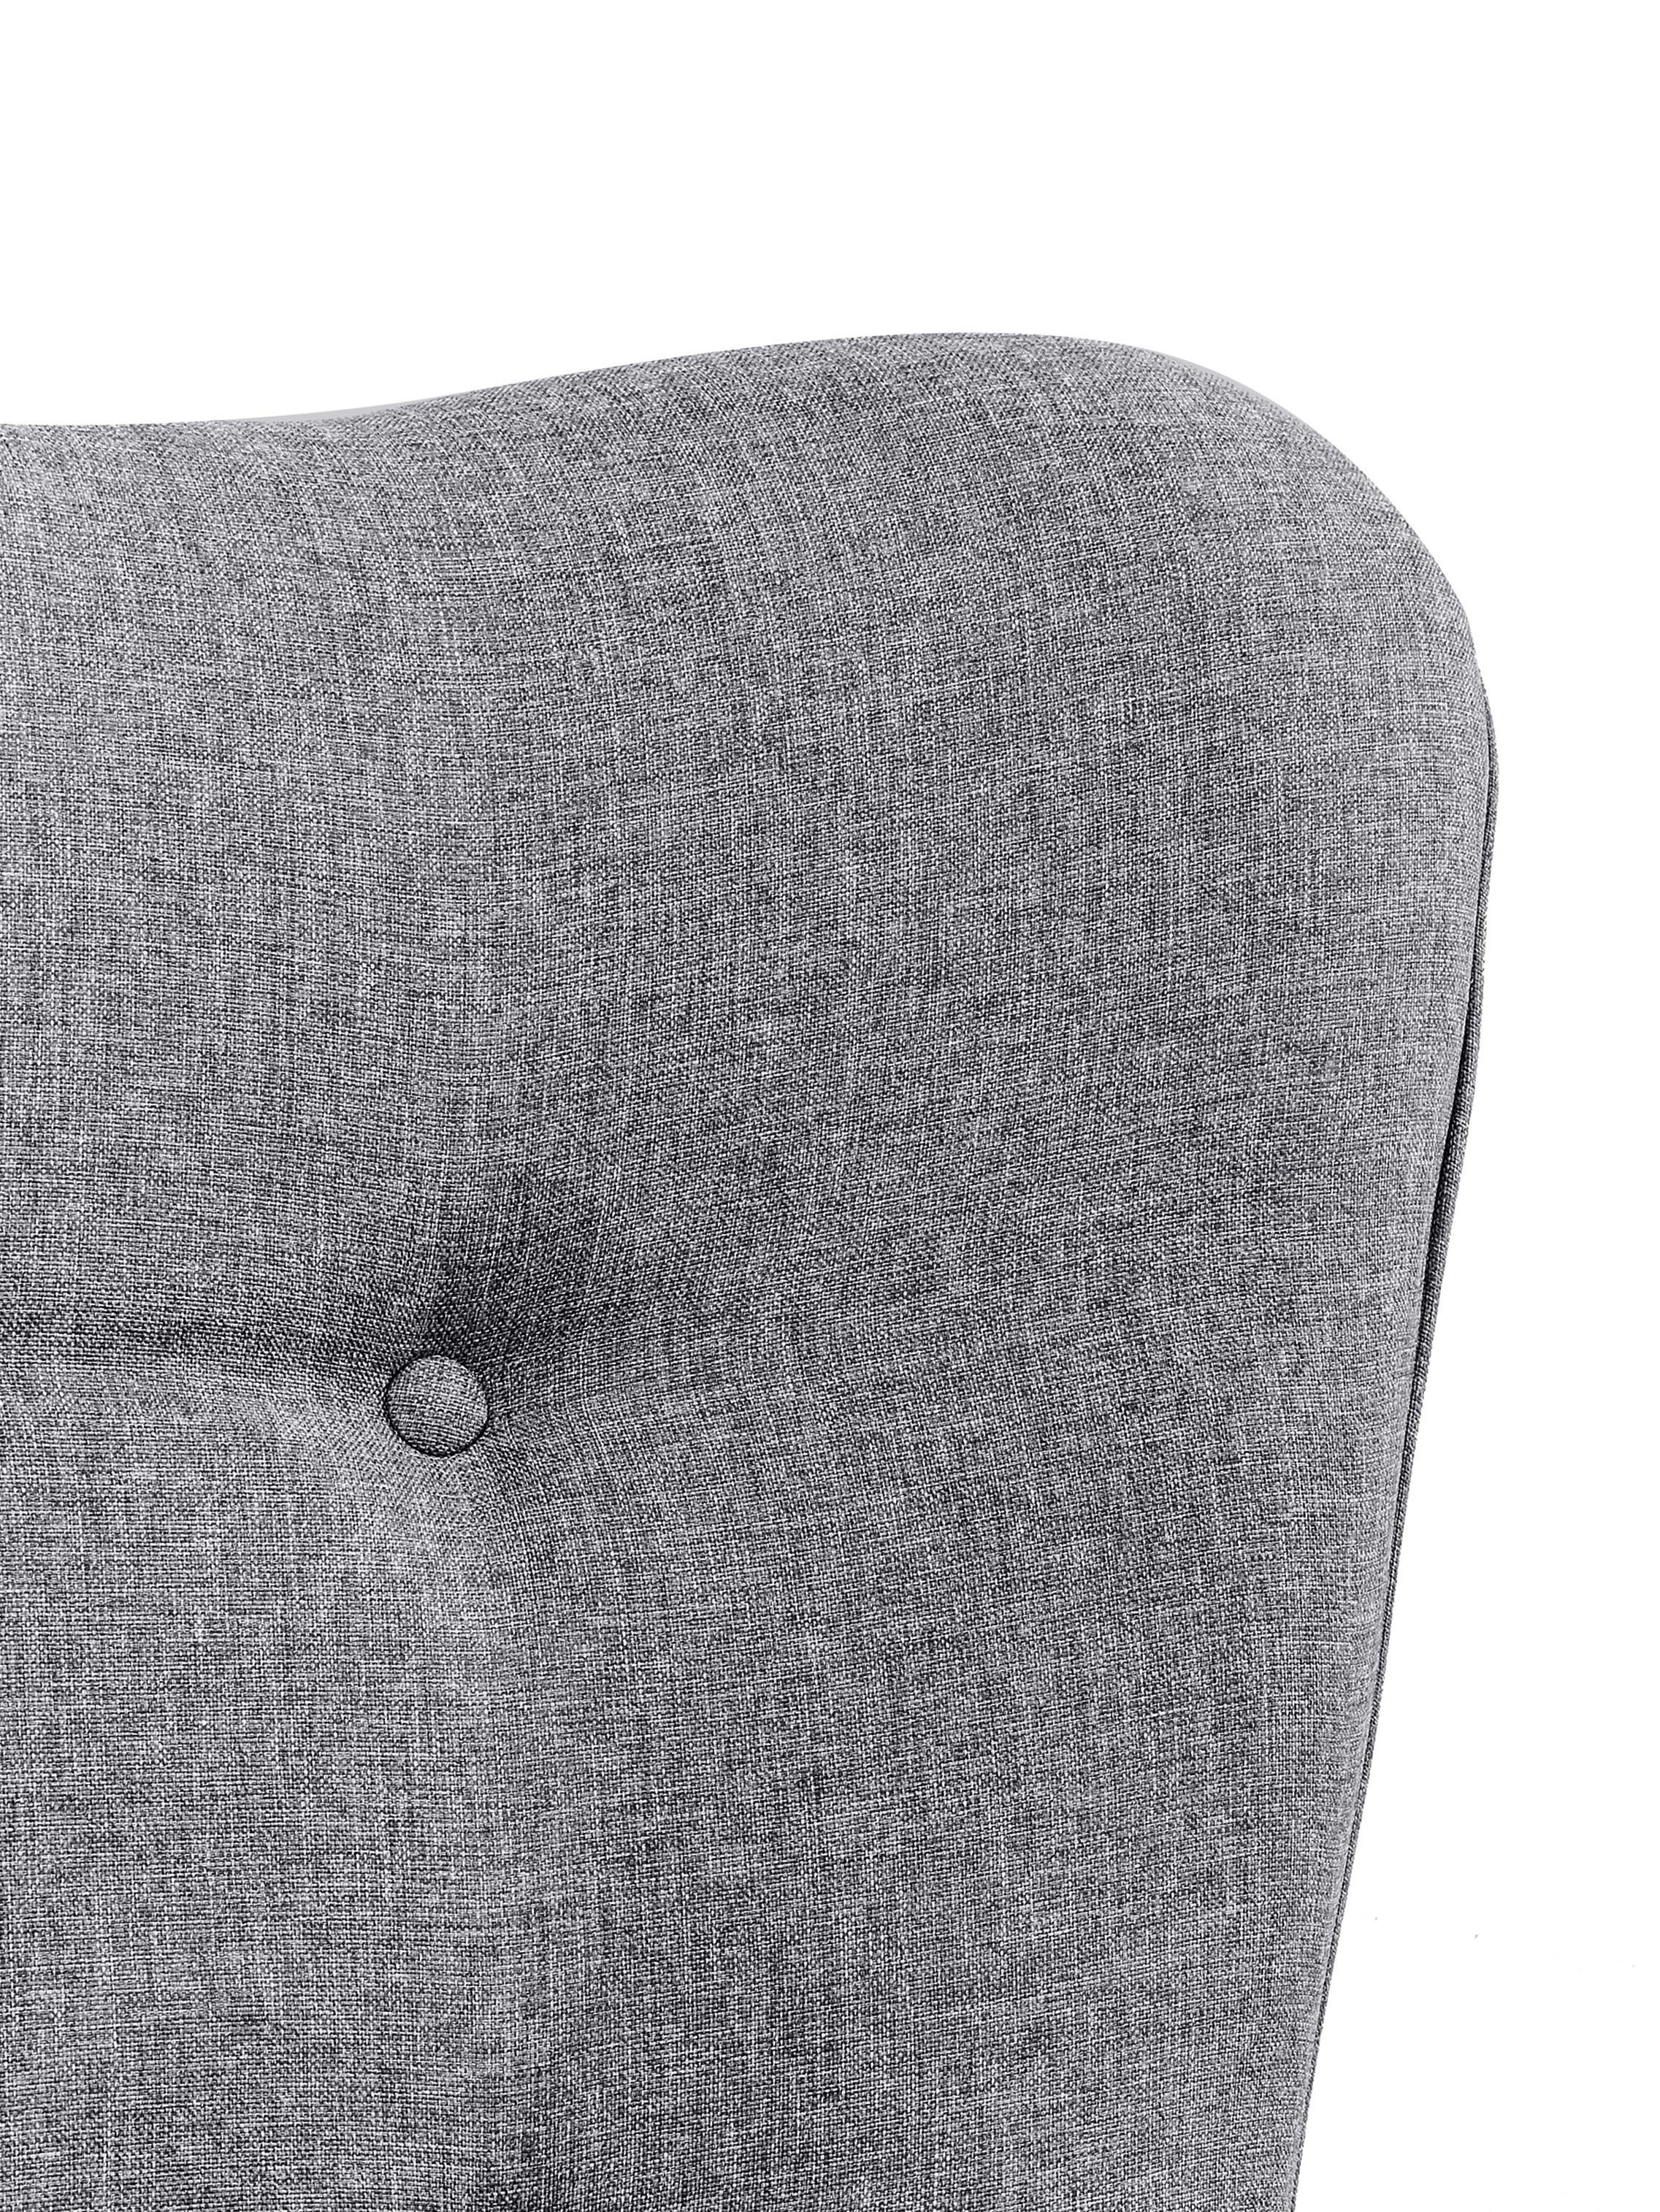 Fauteuil à oreilles gris Vicky, Tissu gris